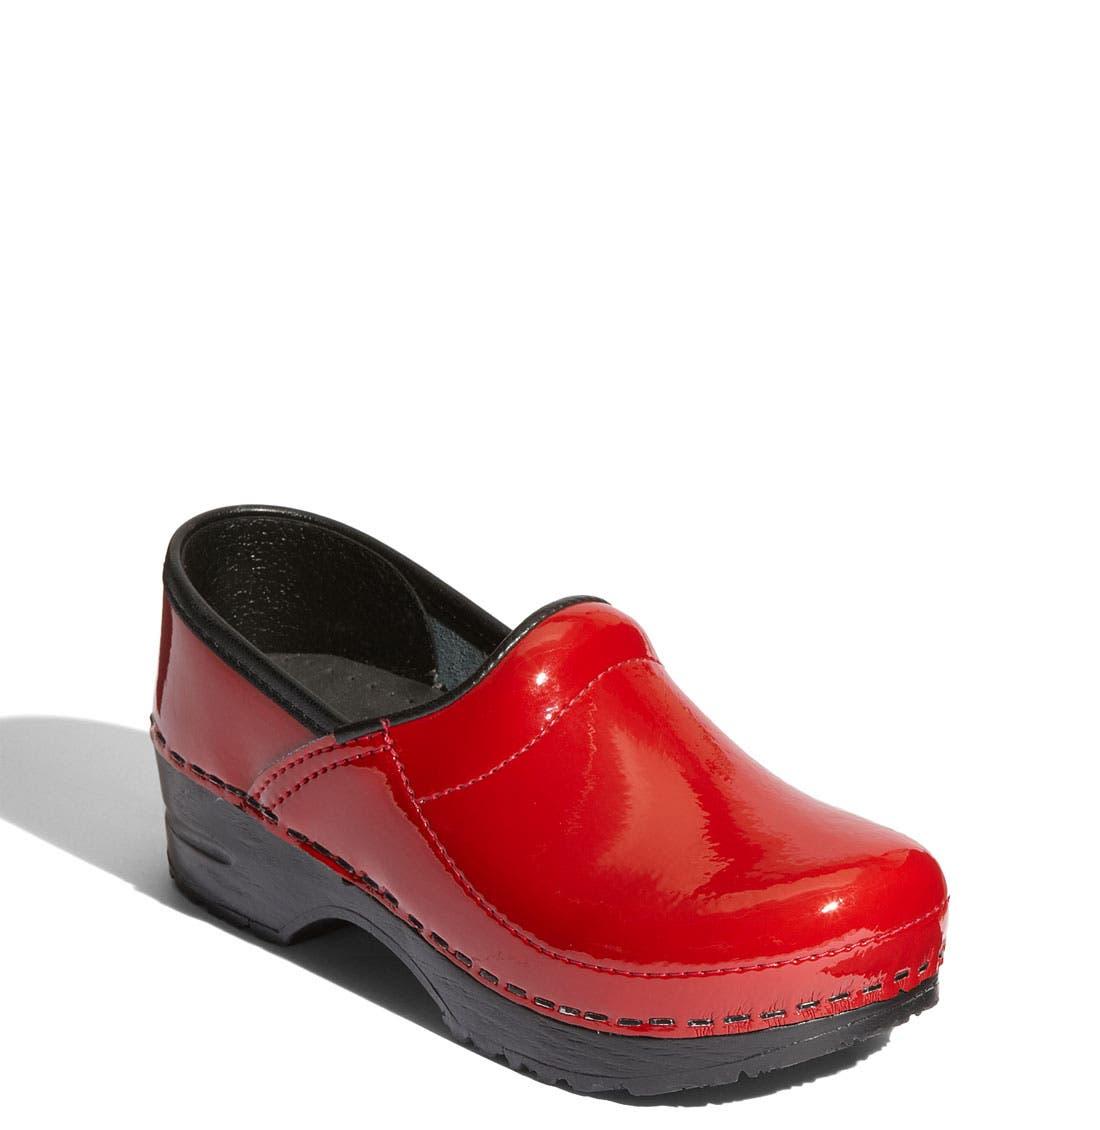 Main Image - Sanita 'Gitte' Patent Leather Clog (Toddler, Little Kid & Big Kid)